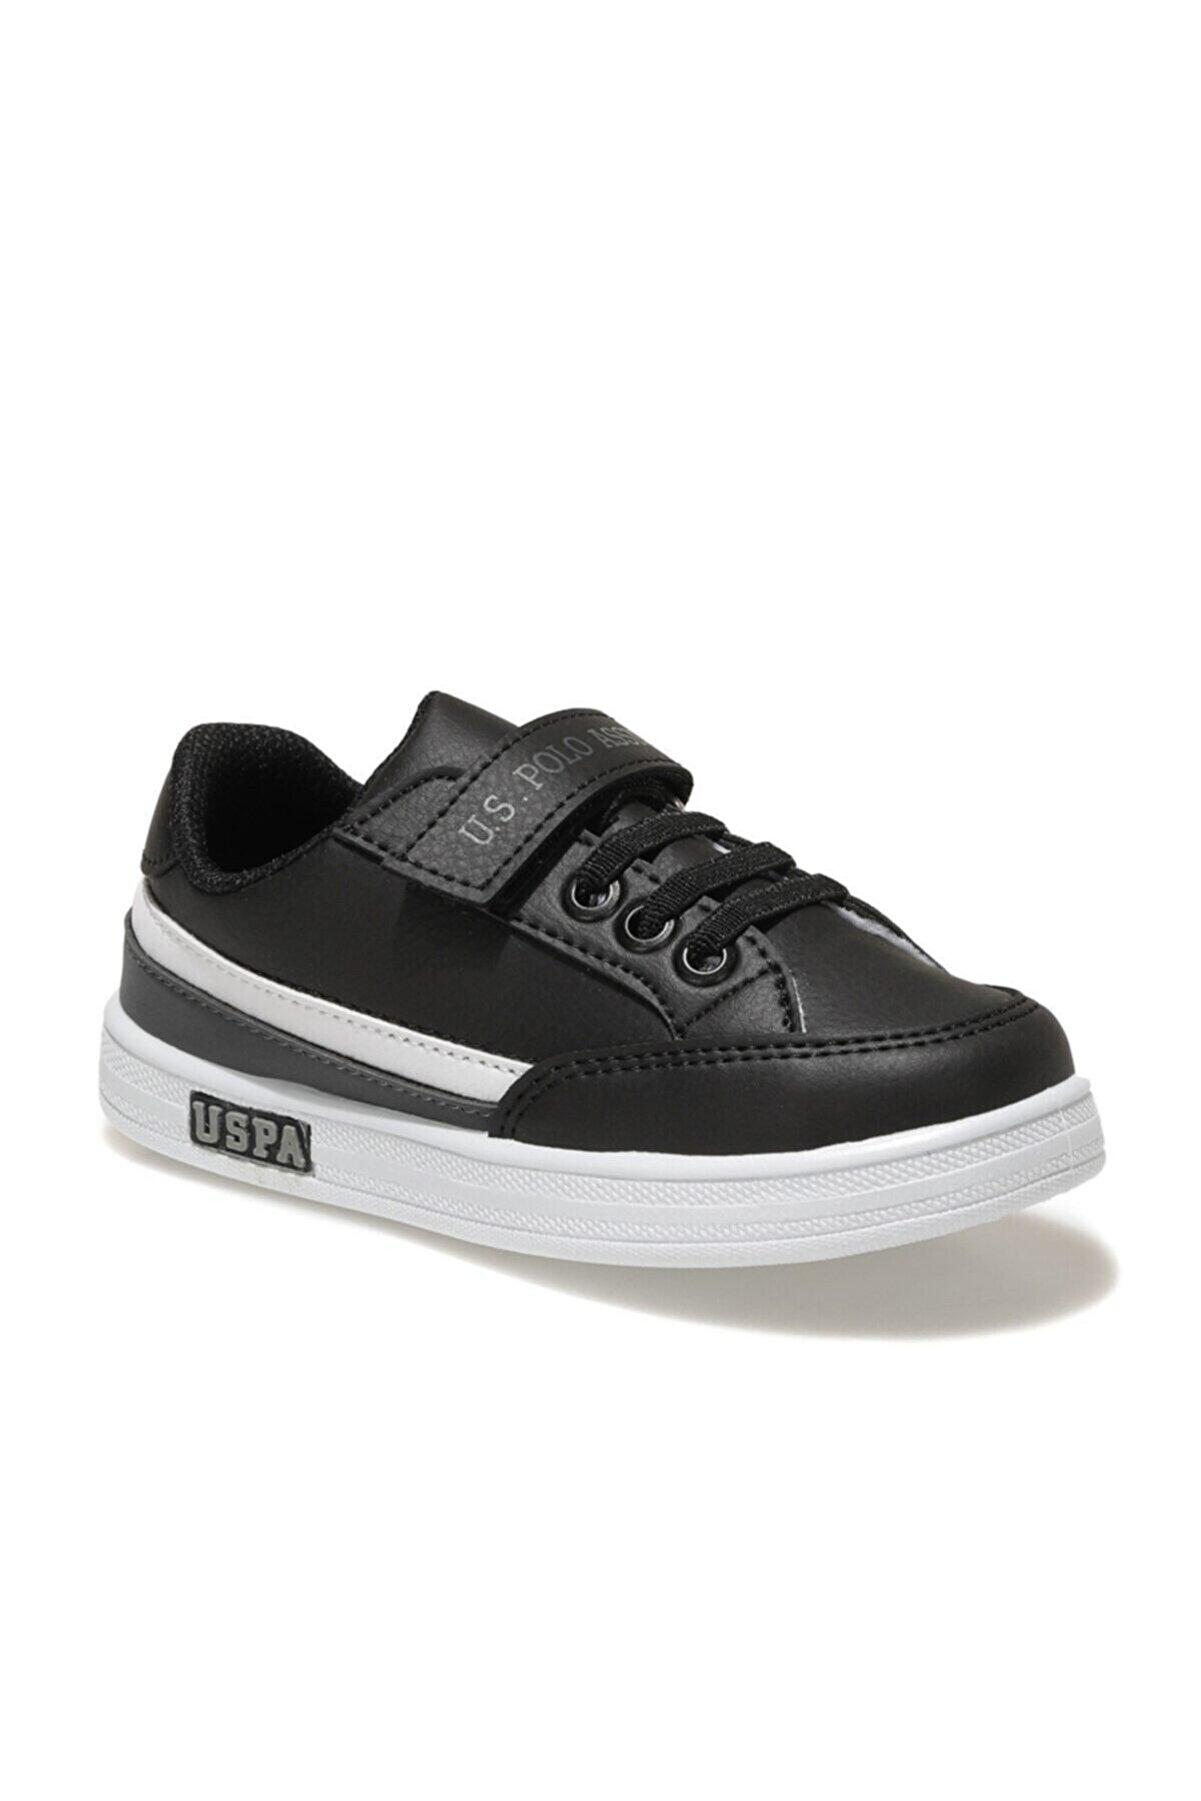 US Polo Assn JAMAL 1FX Siyah Erkek Çocuk Sneaker Ayakkabı 100911029